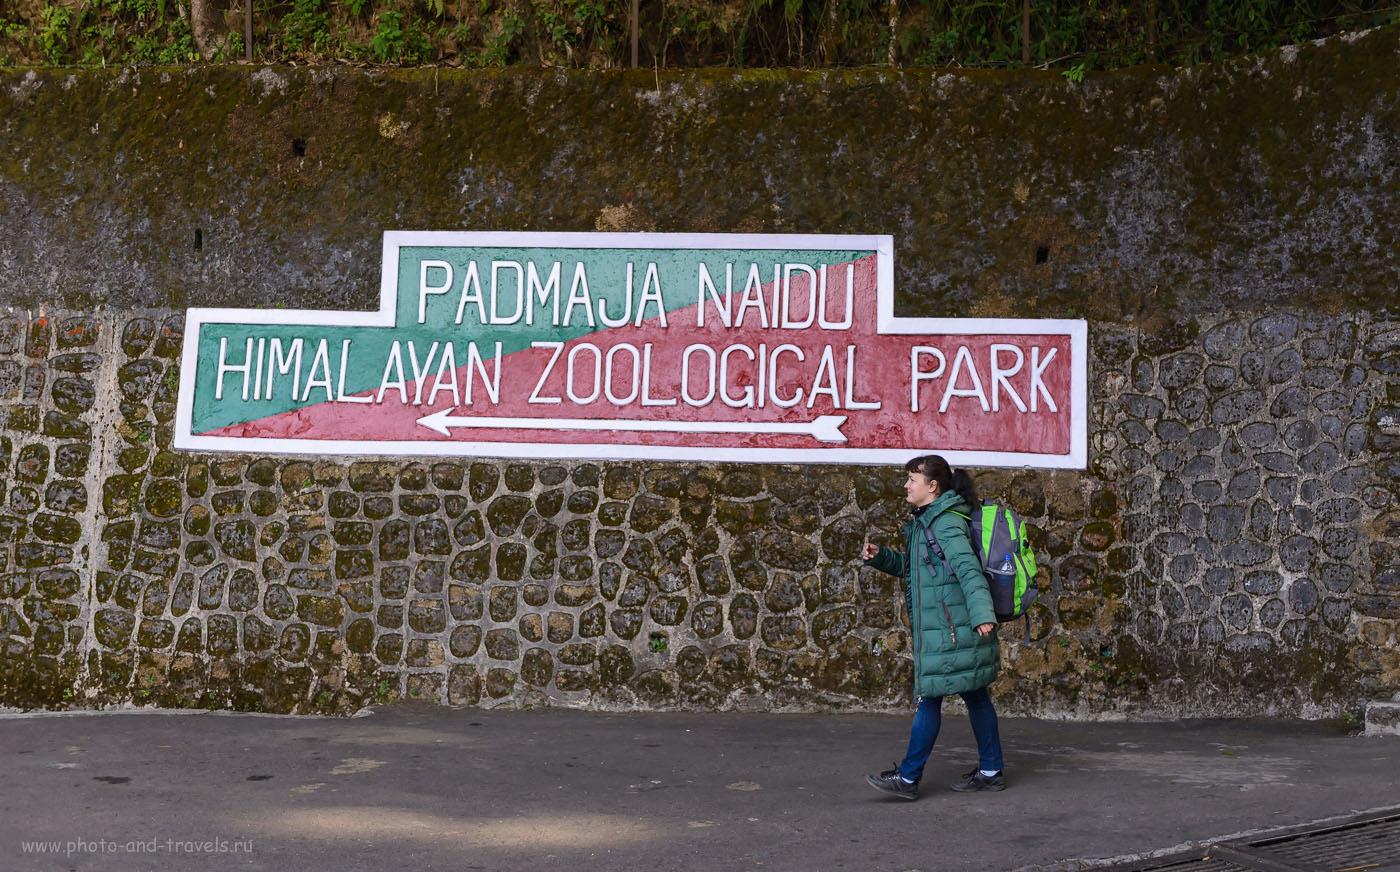 Фотография 7. Официальное название зоопарка в Дарджилинге - Padmaja Naidu Himalayan Zoological Park. 1/640, -1.0, 2.8, 400, 48.